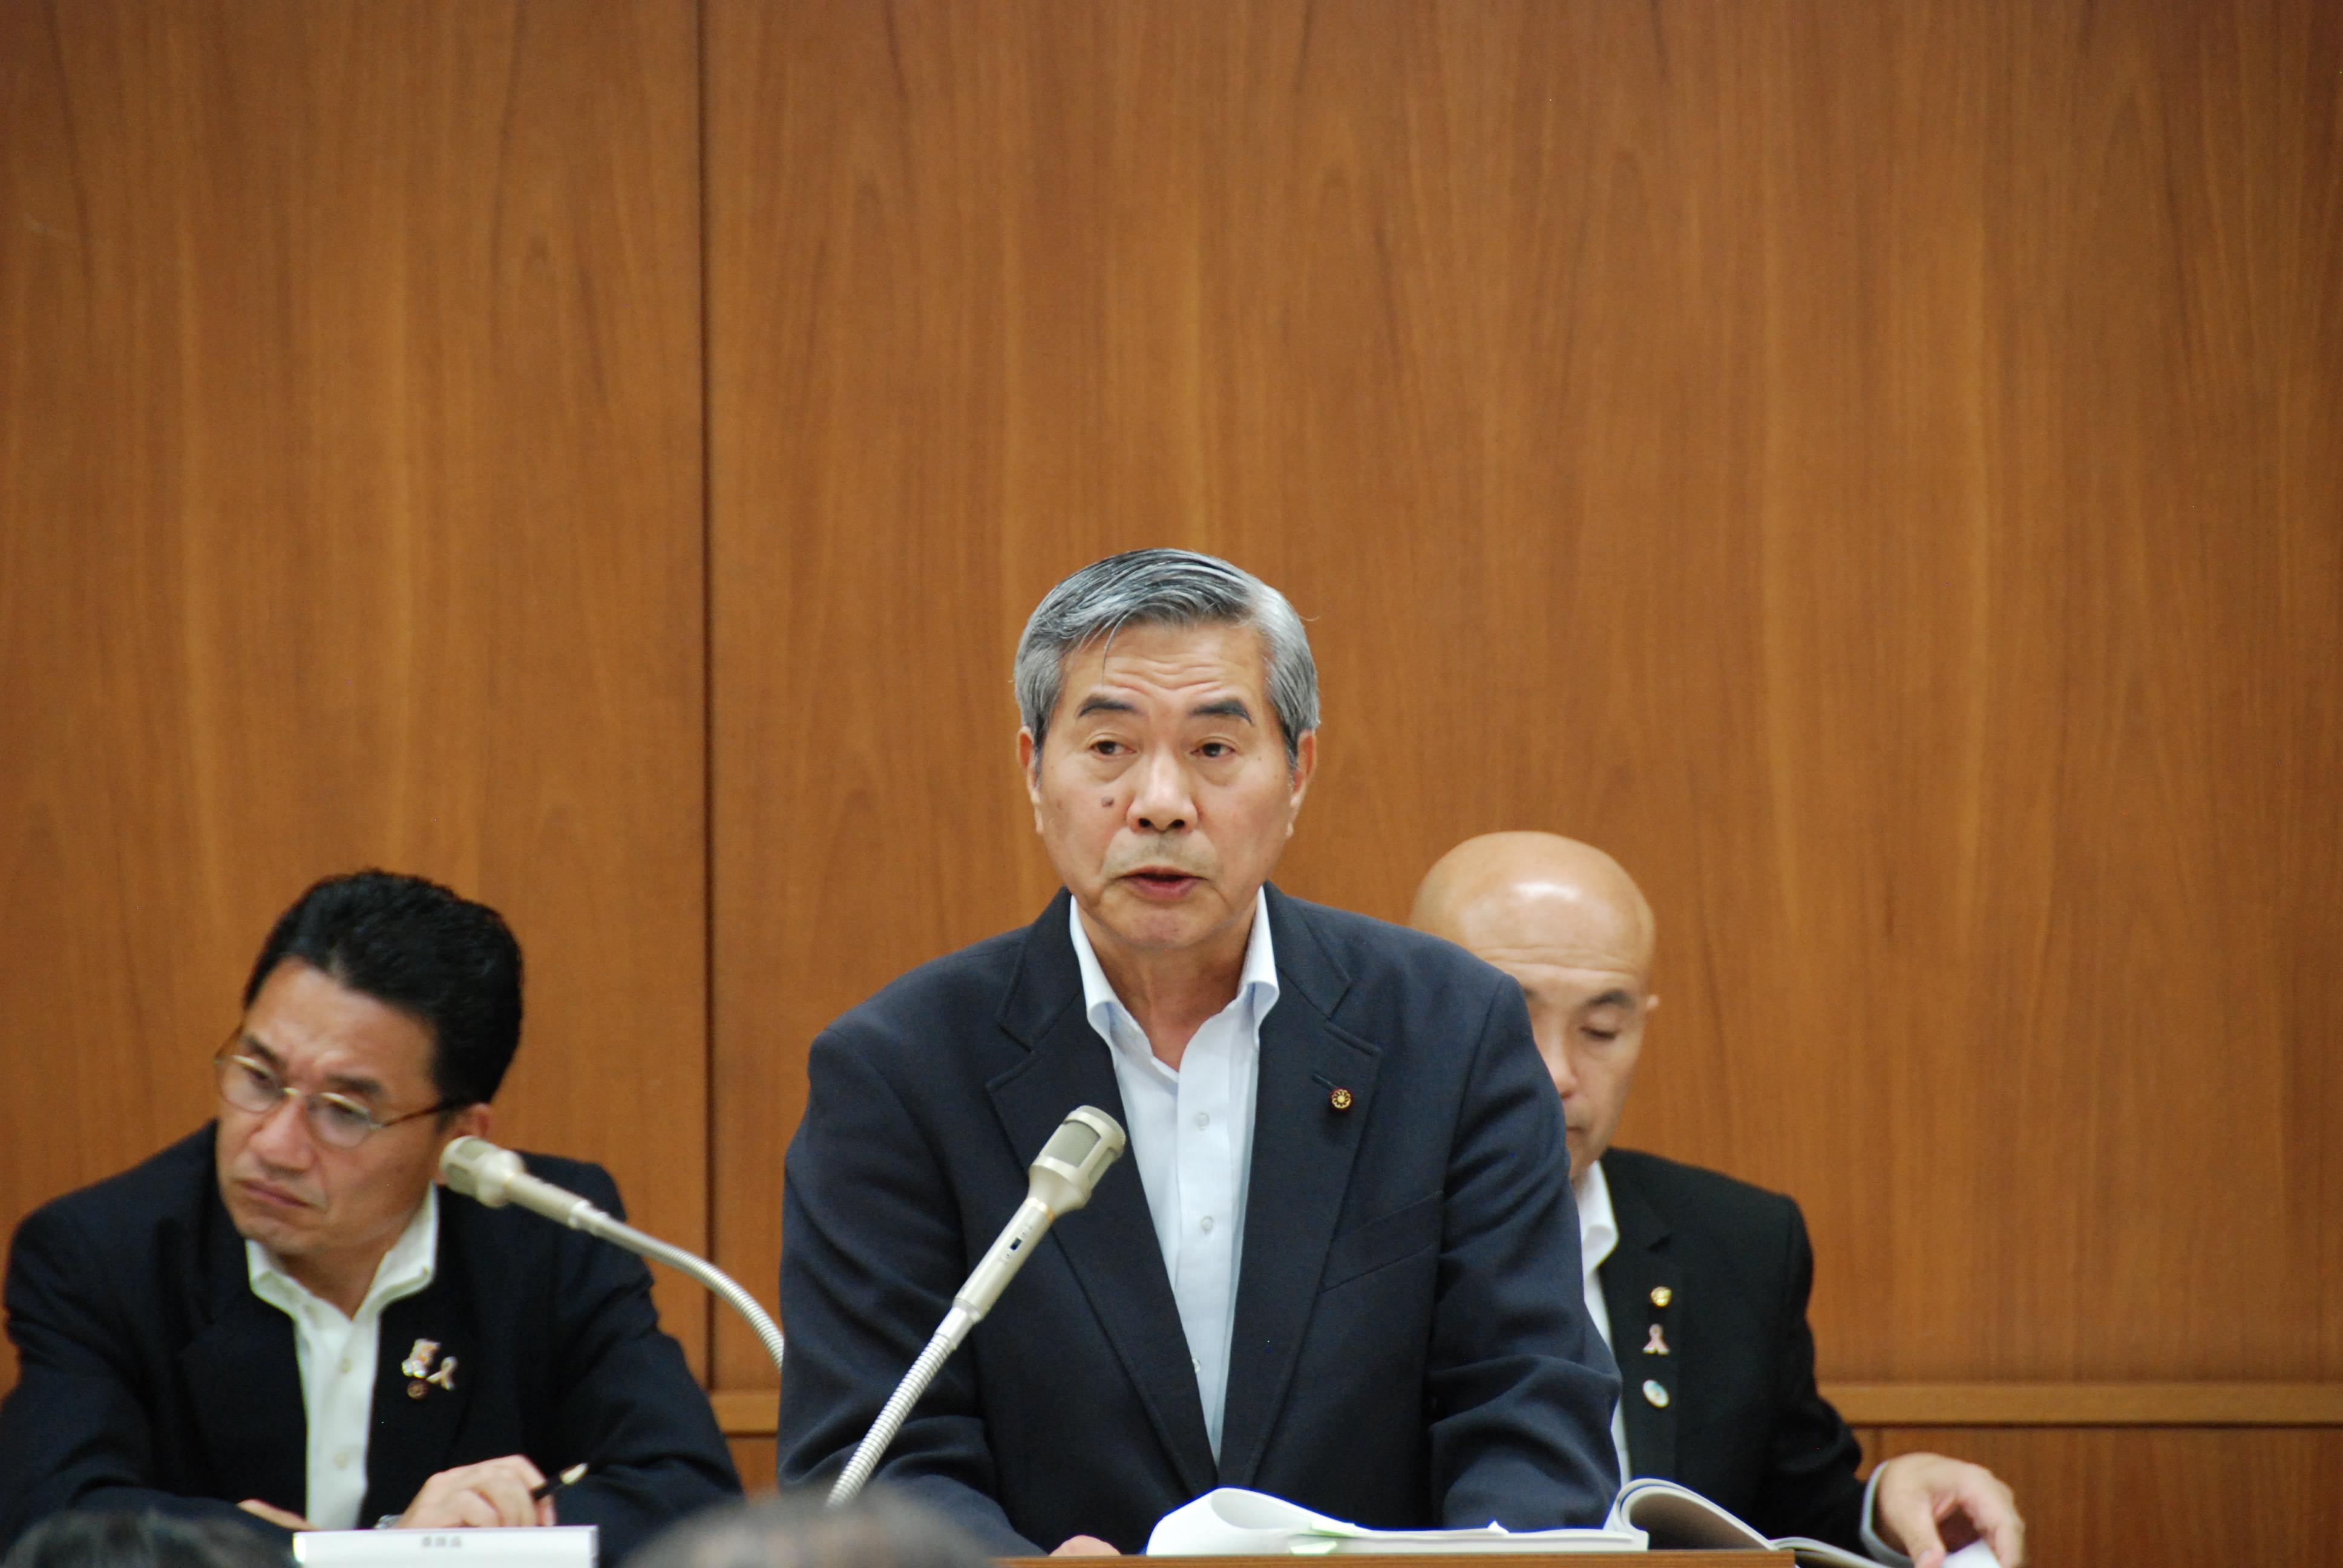 決算委員会にて市民負担について質疑を行う山崎あきら市議